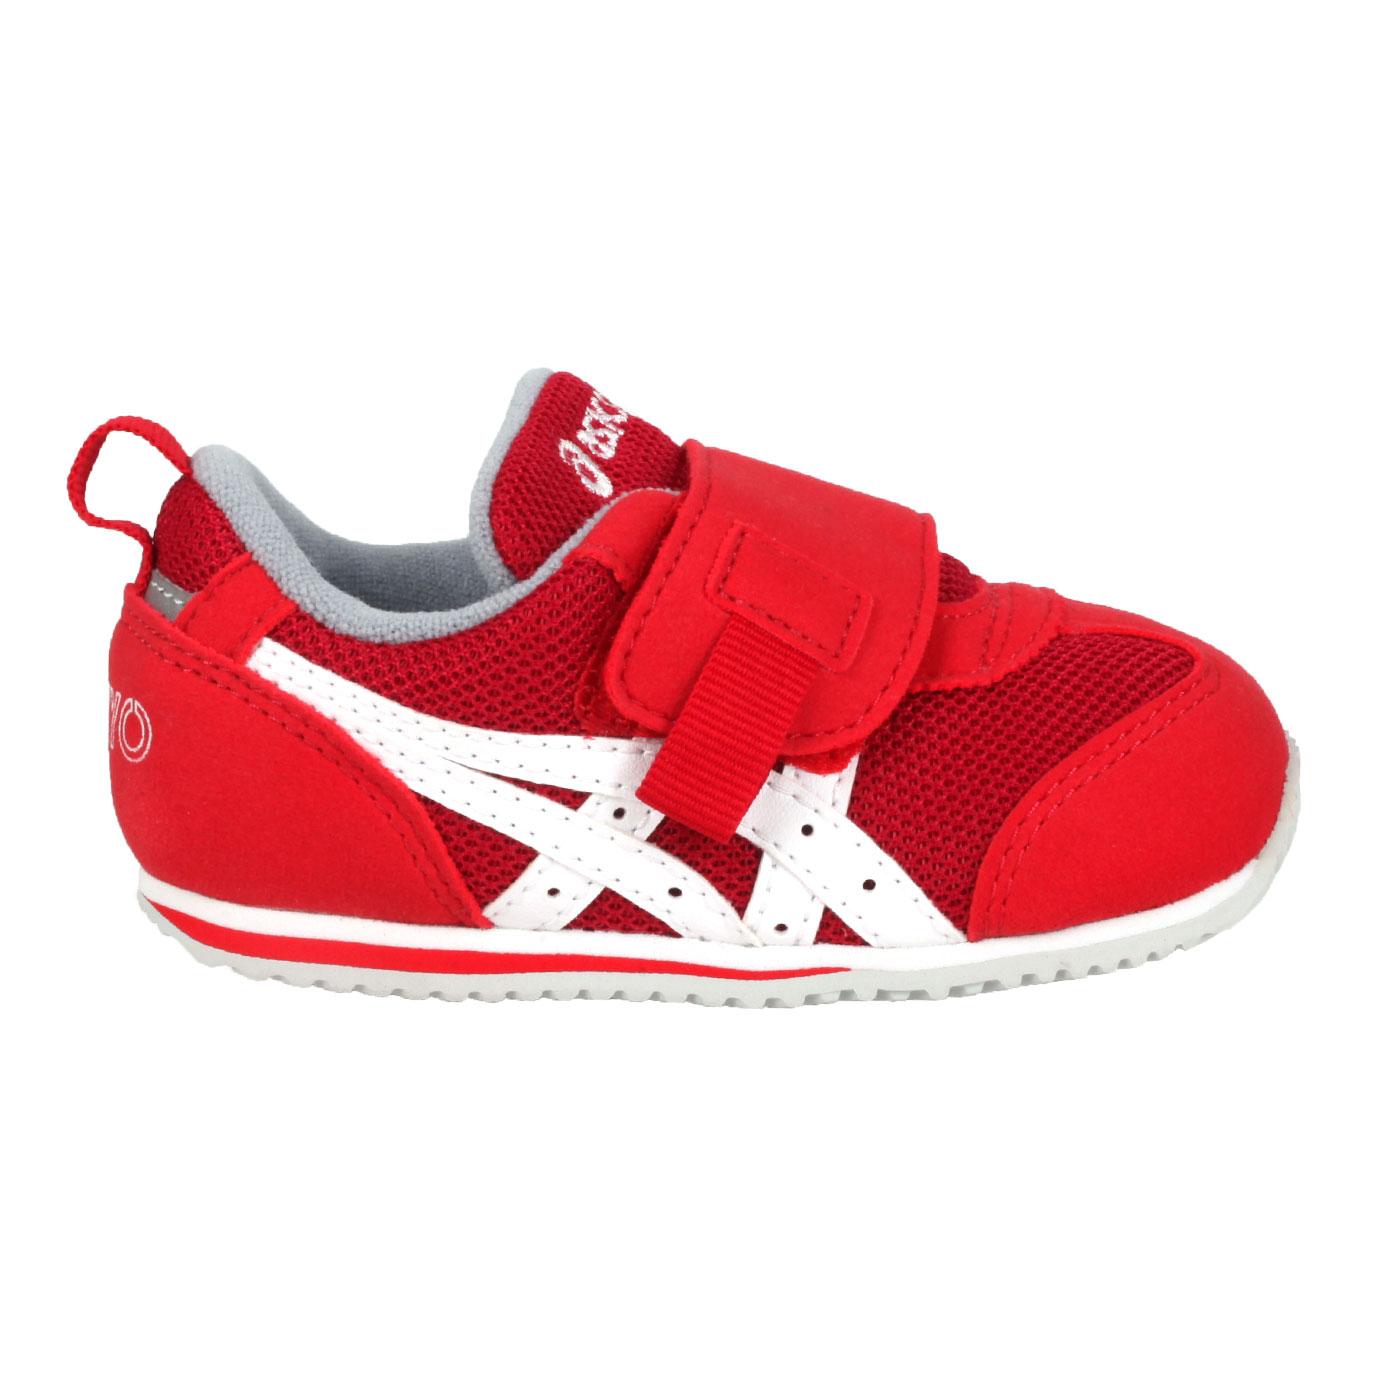 ASICS 小童休閒運動鞋  @IDAHO BABY OP@1144A158-400 - 紅白